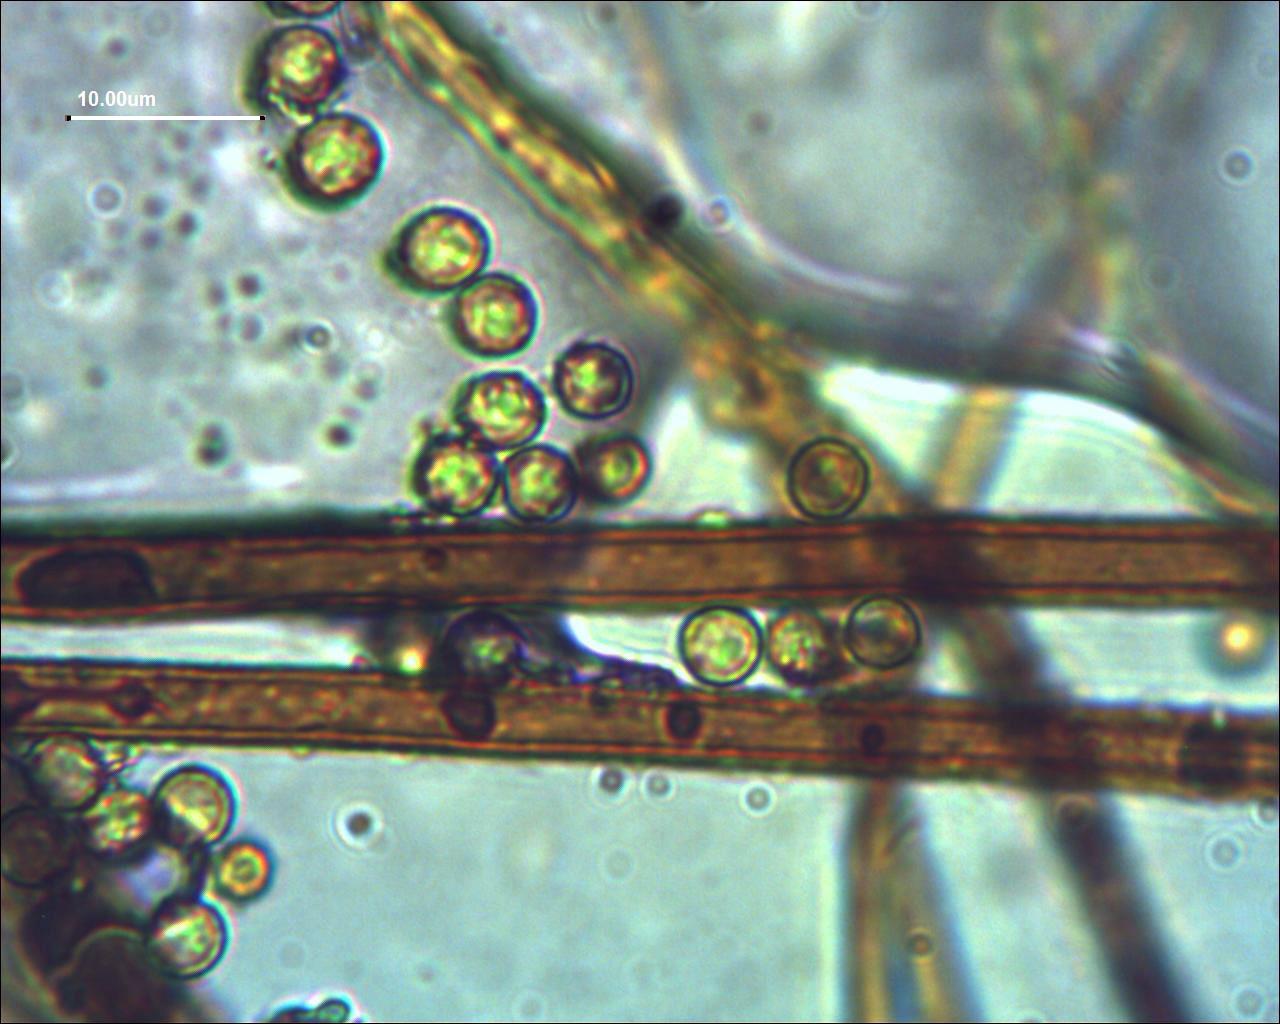 Micro: Spore